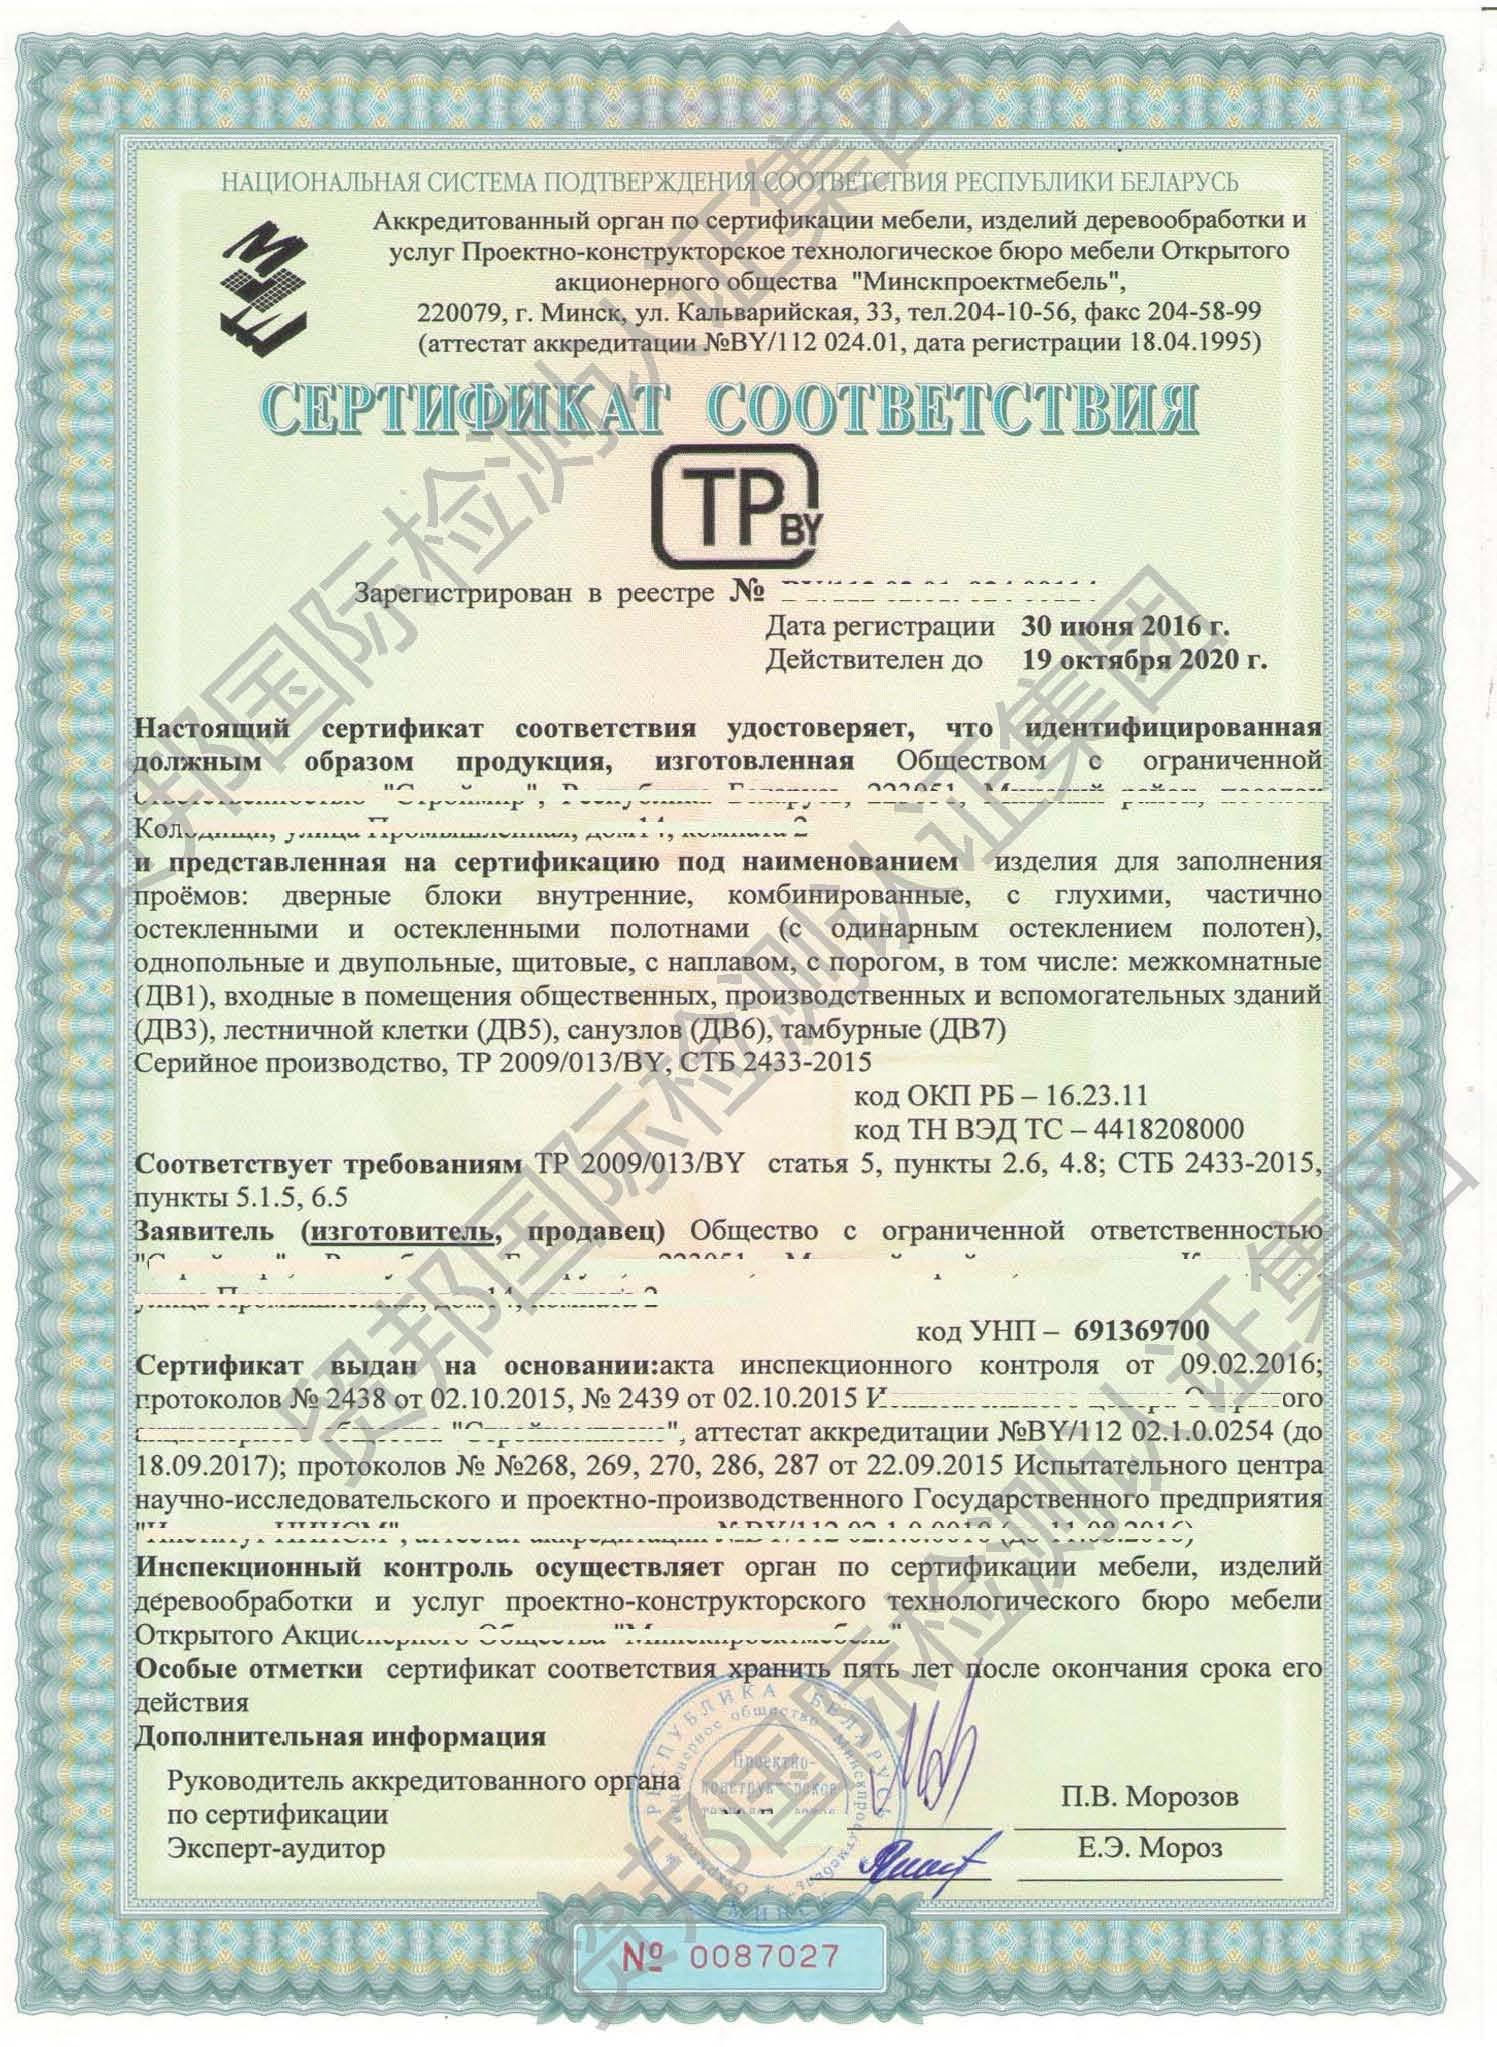 白俄罗斯认证服务